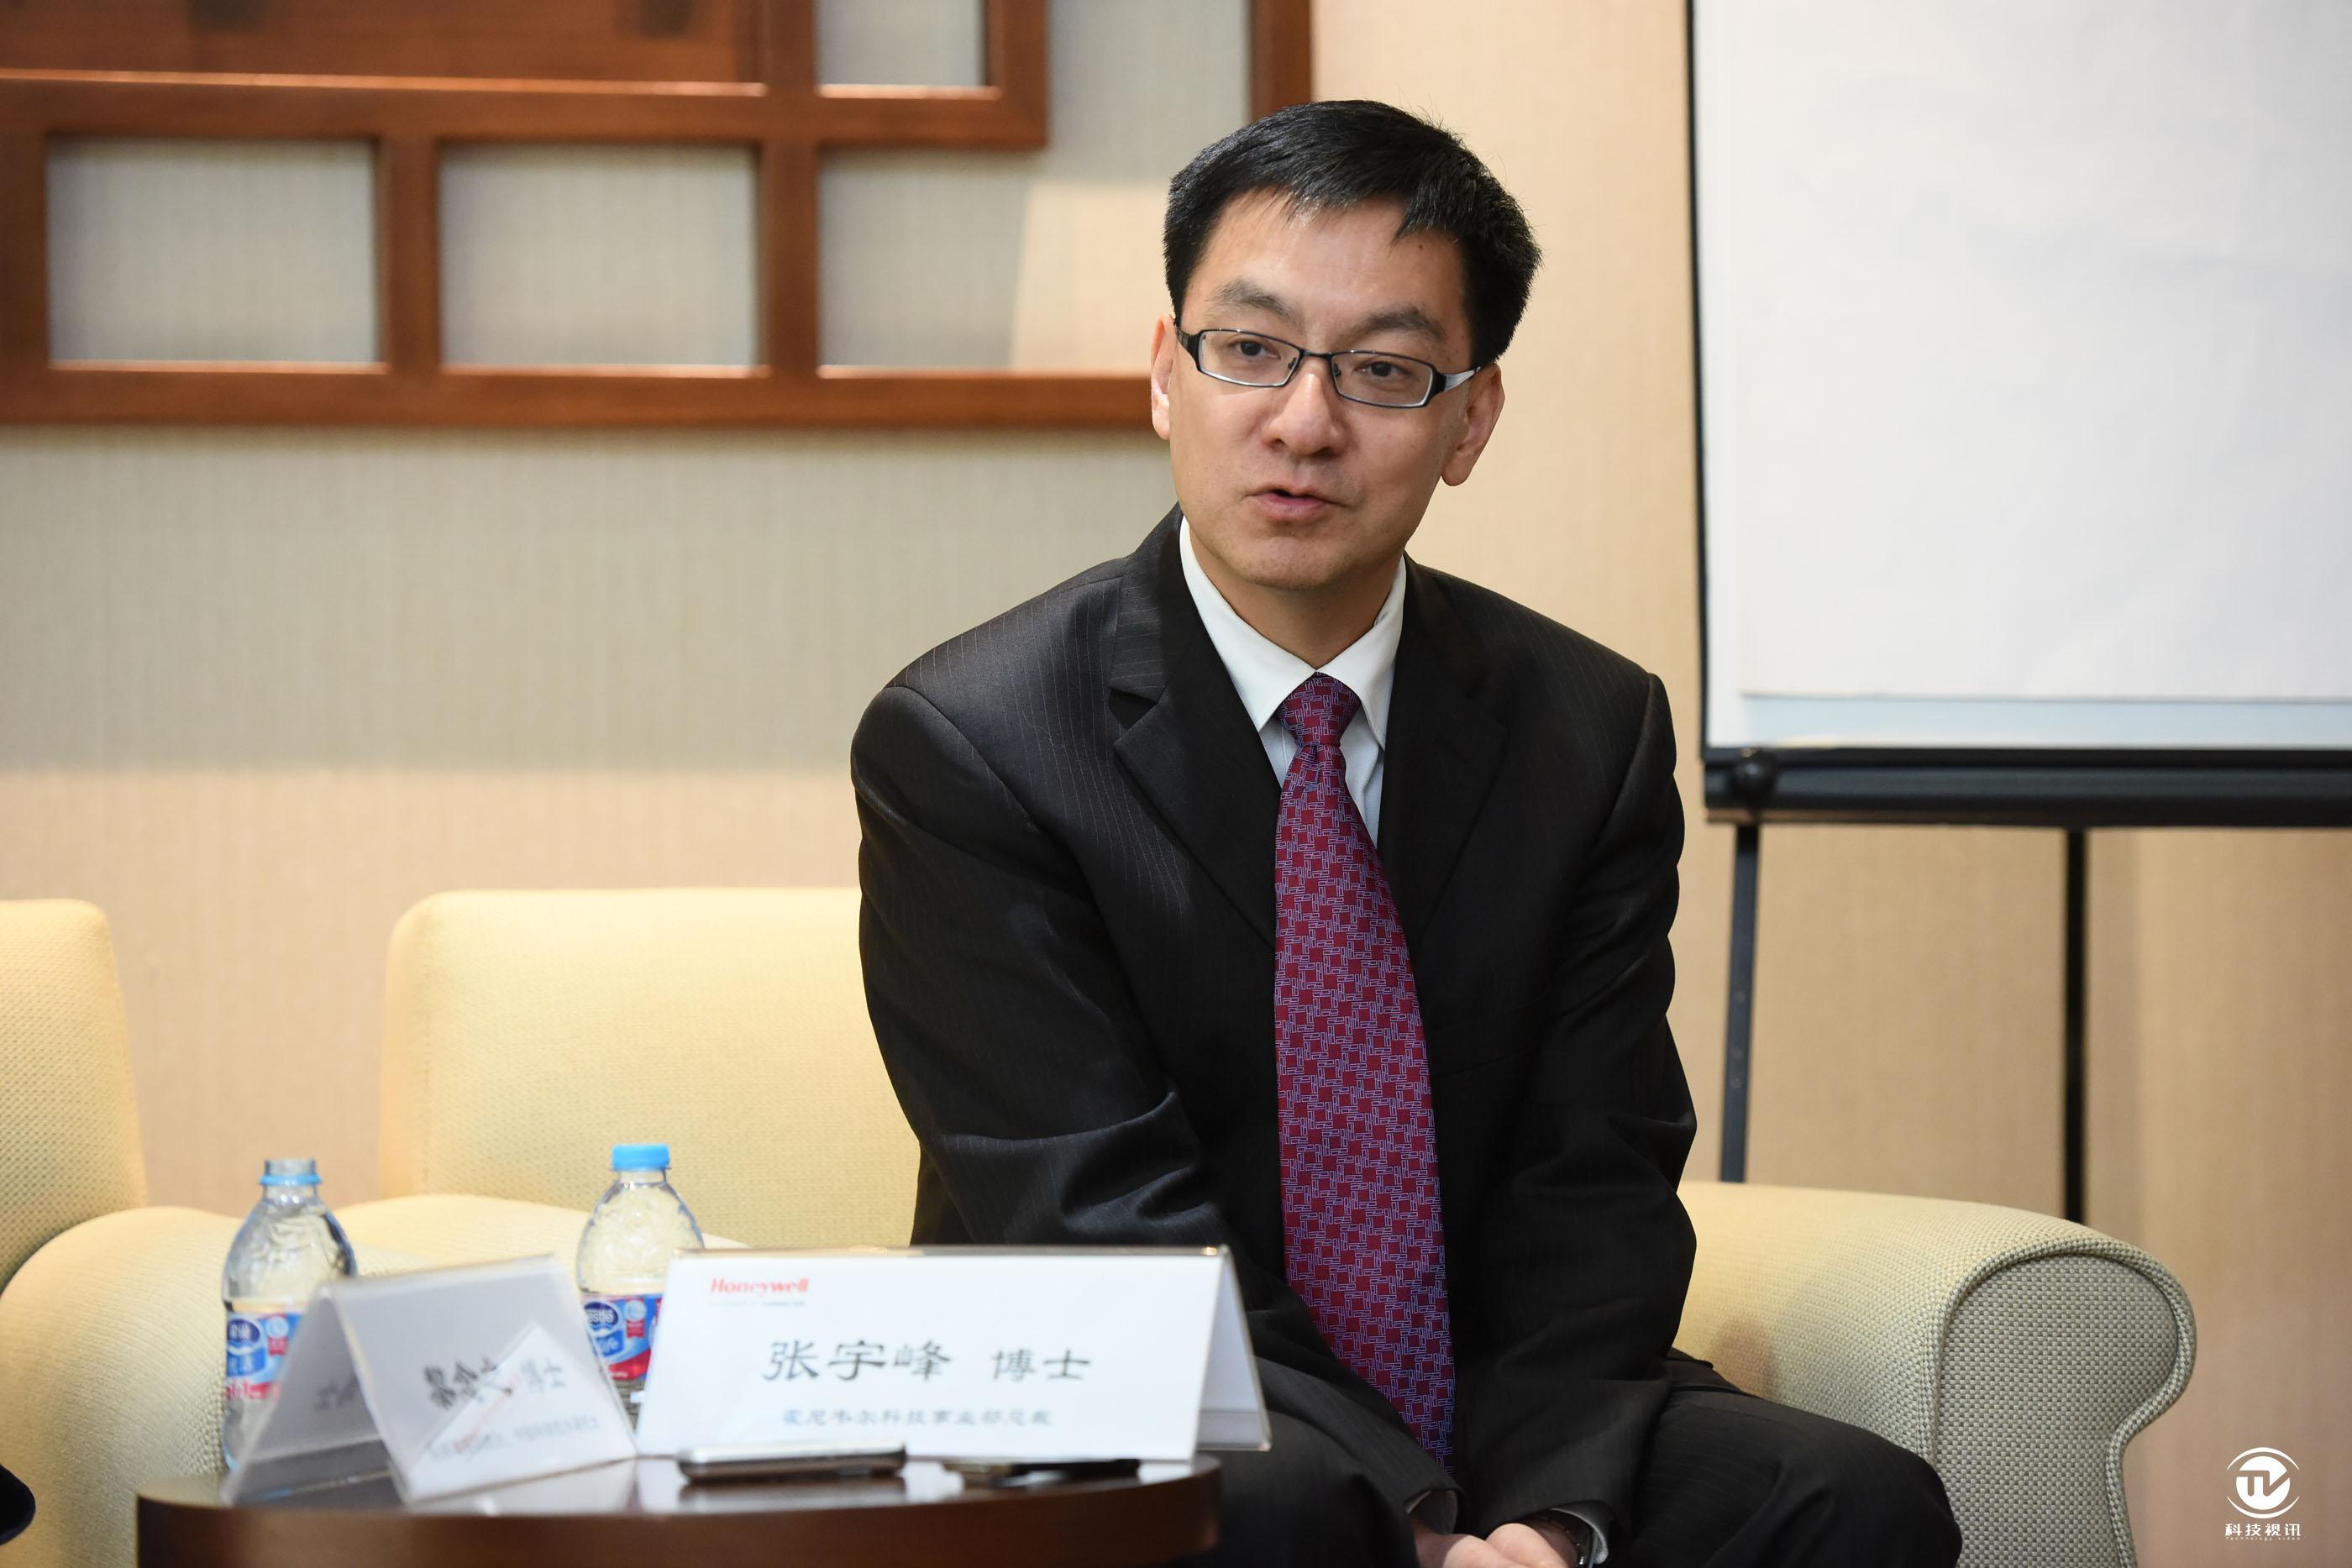 霍尼韦尔科技事业部总裁 张宇峰 博士.JPG